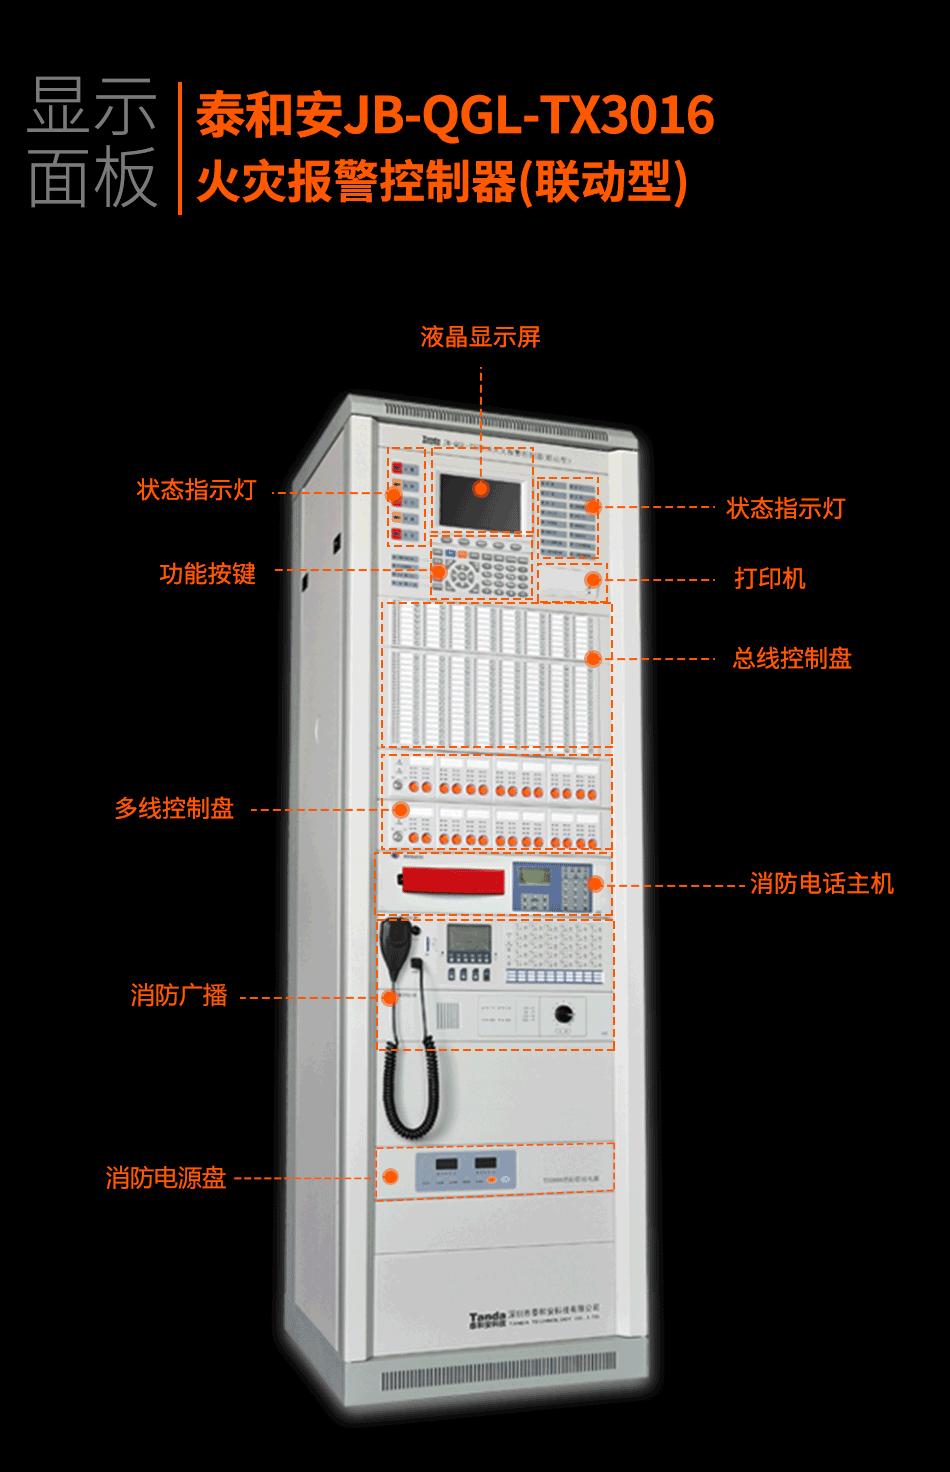 JB-QGL-TX3016A火灾报警控制器(联动型)显示面板